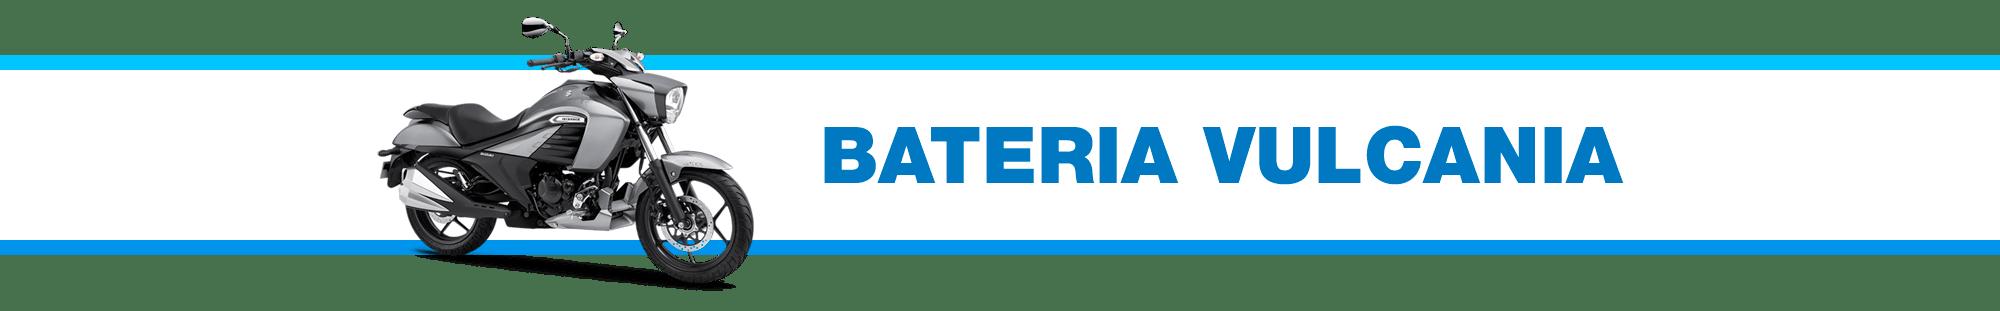 sv-baterias-bateria-vulcania-moto